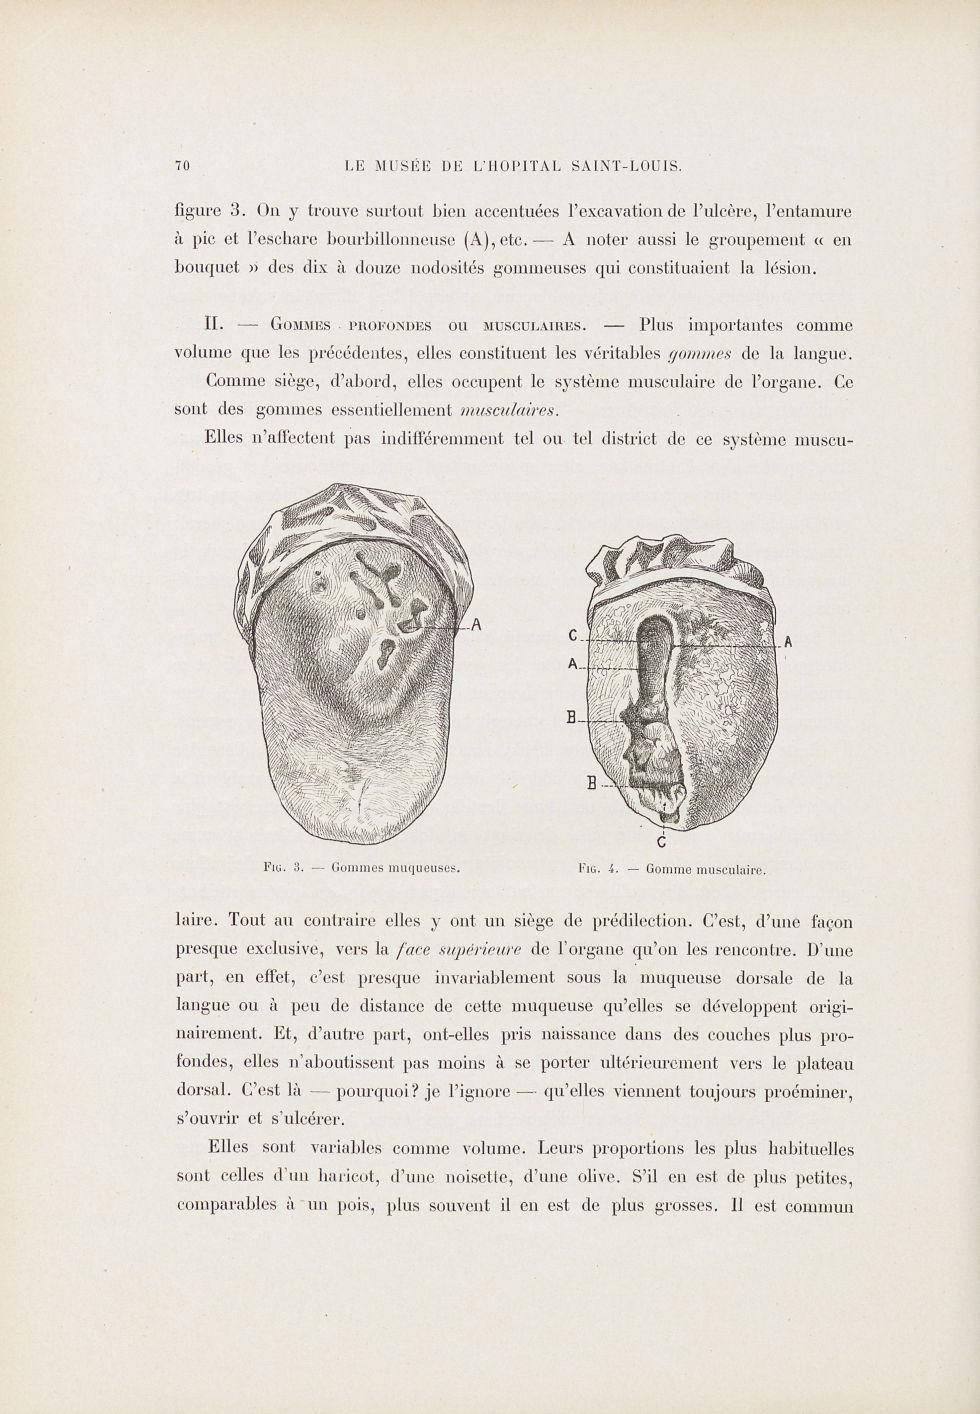 Fig. 3. Gommes muqueuses / Fig. 4. Gomme musculaire [Syphilis linguale] - Le musée de l'hôpital Sain [...] - Dermatologie (peau). Syphilis (maladies infectieuses). Maladies sexuellement transmissibles. Langues (bouches). 19e siècle (France) - med01740x0087